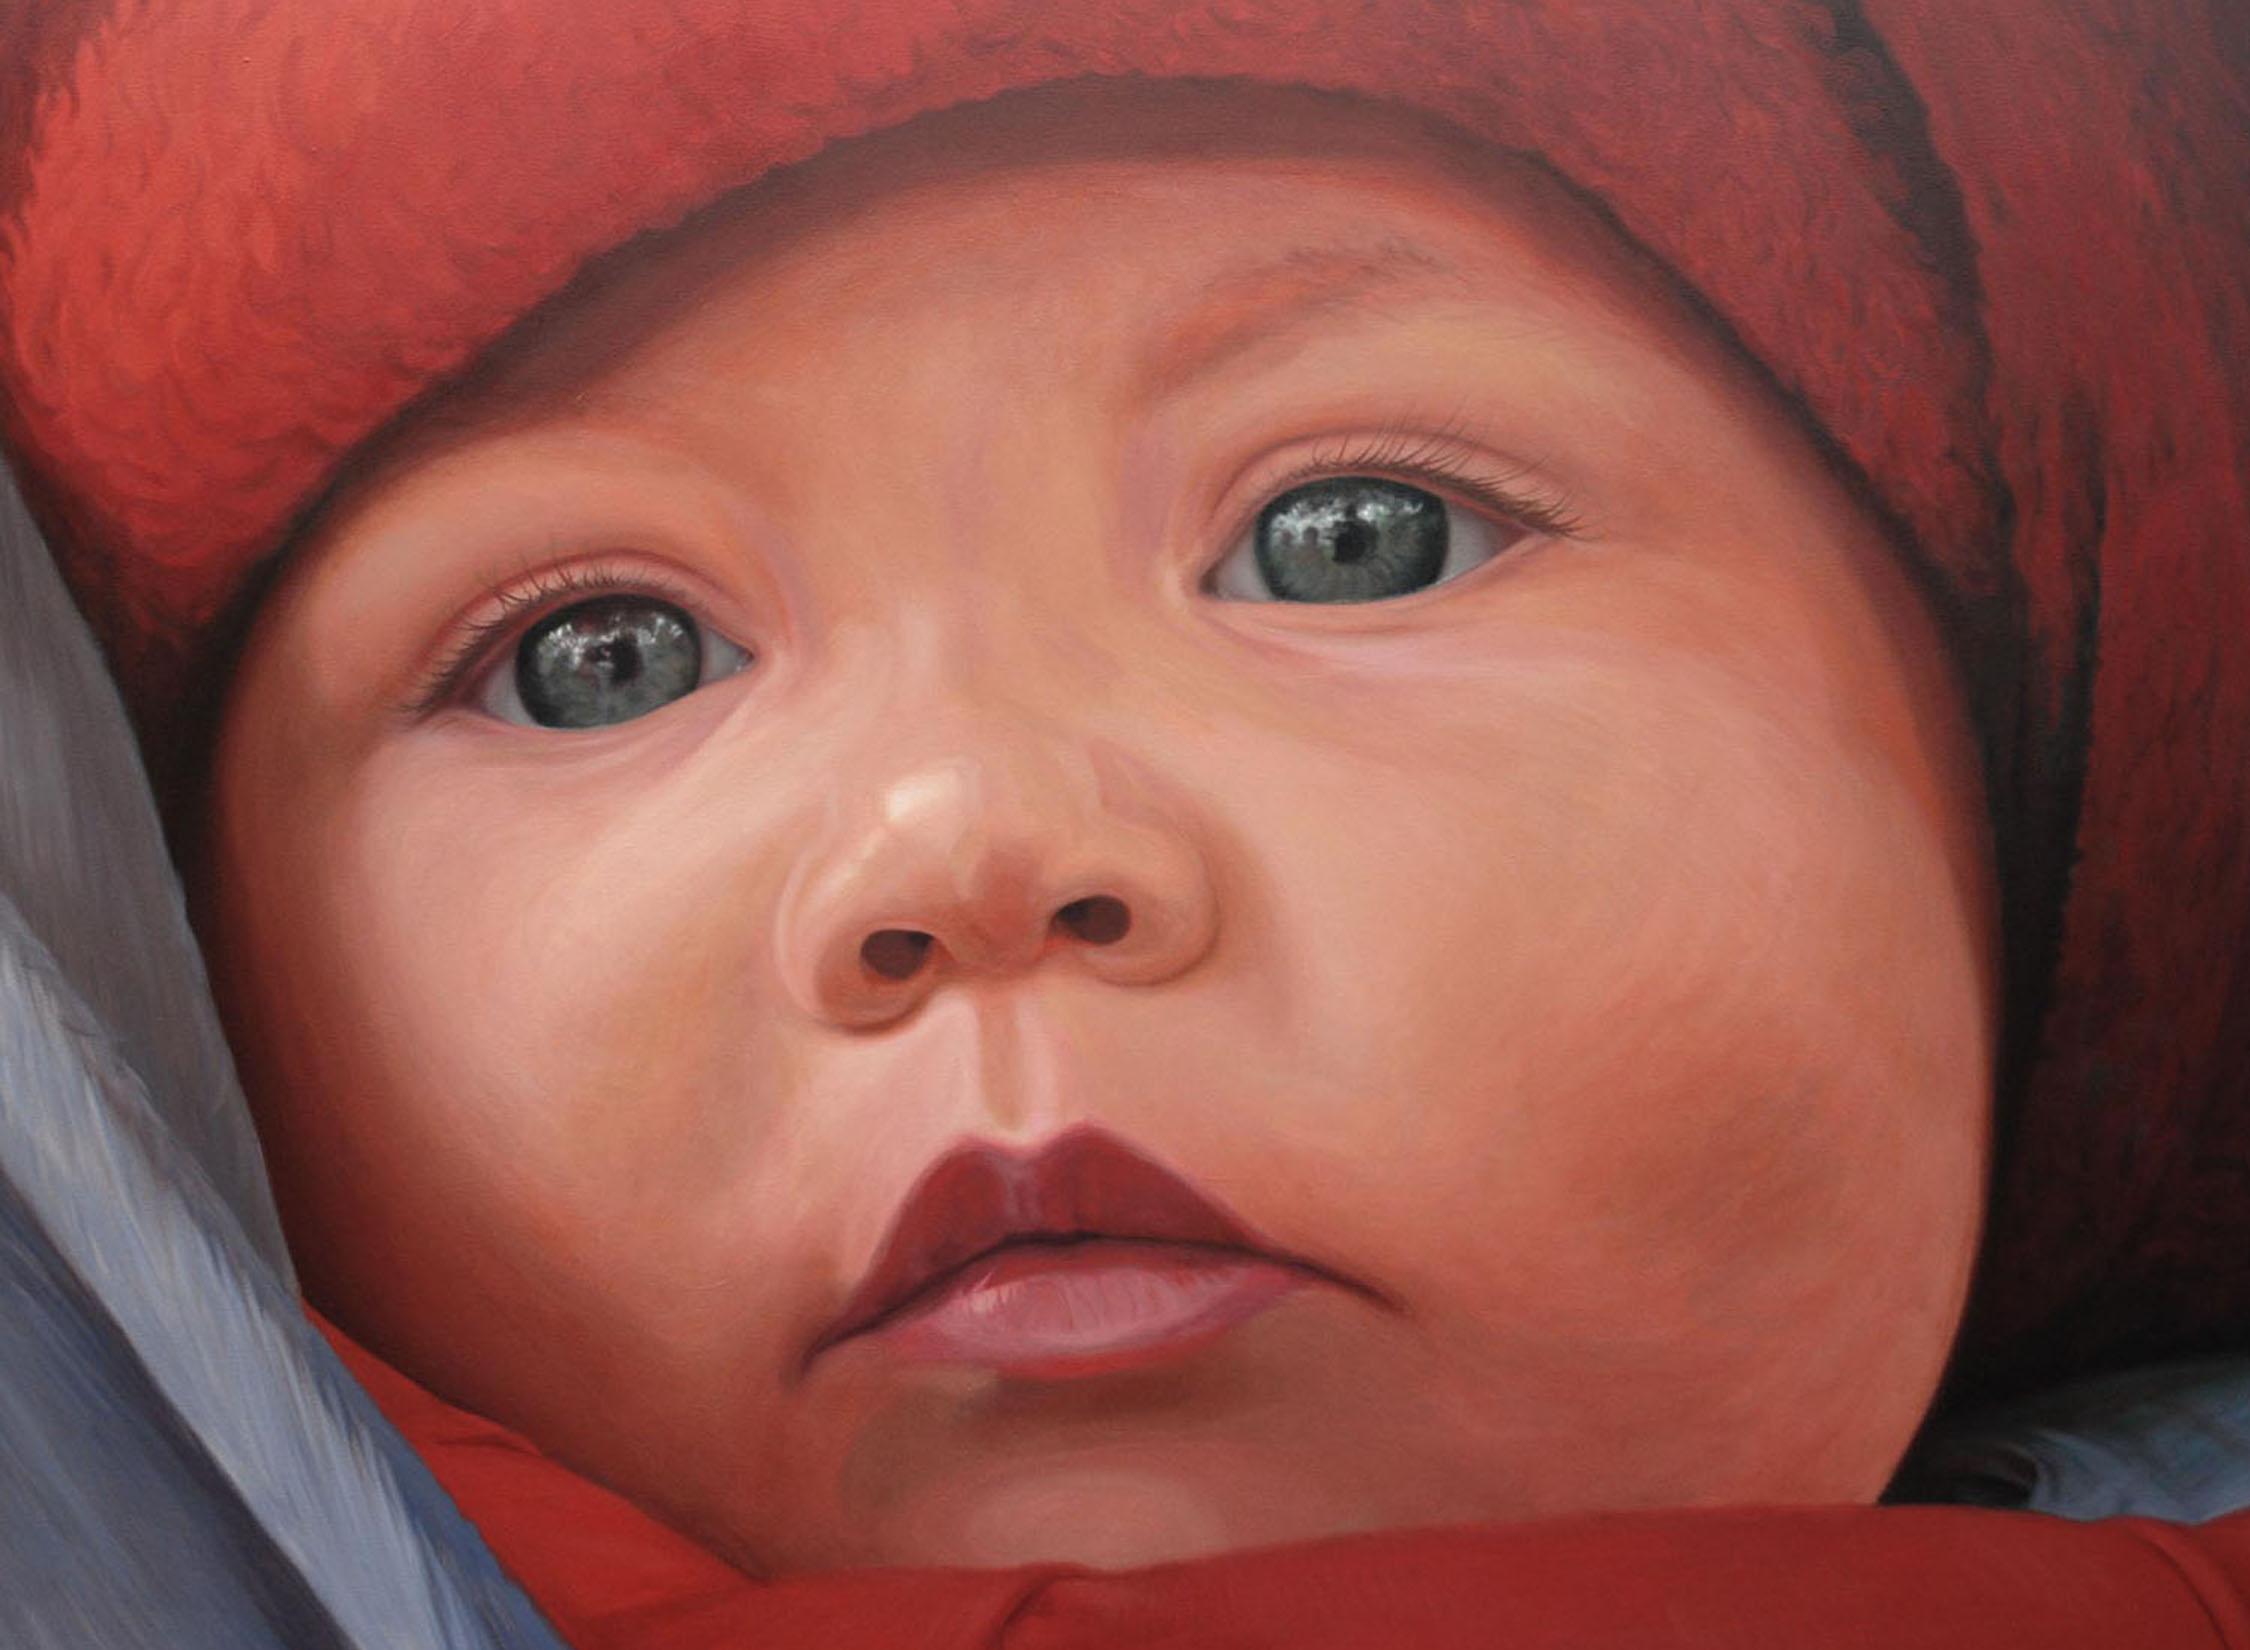 Leila portrait - 9 months